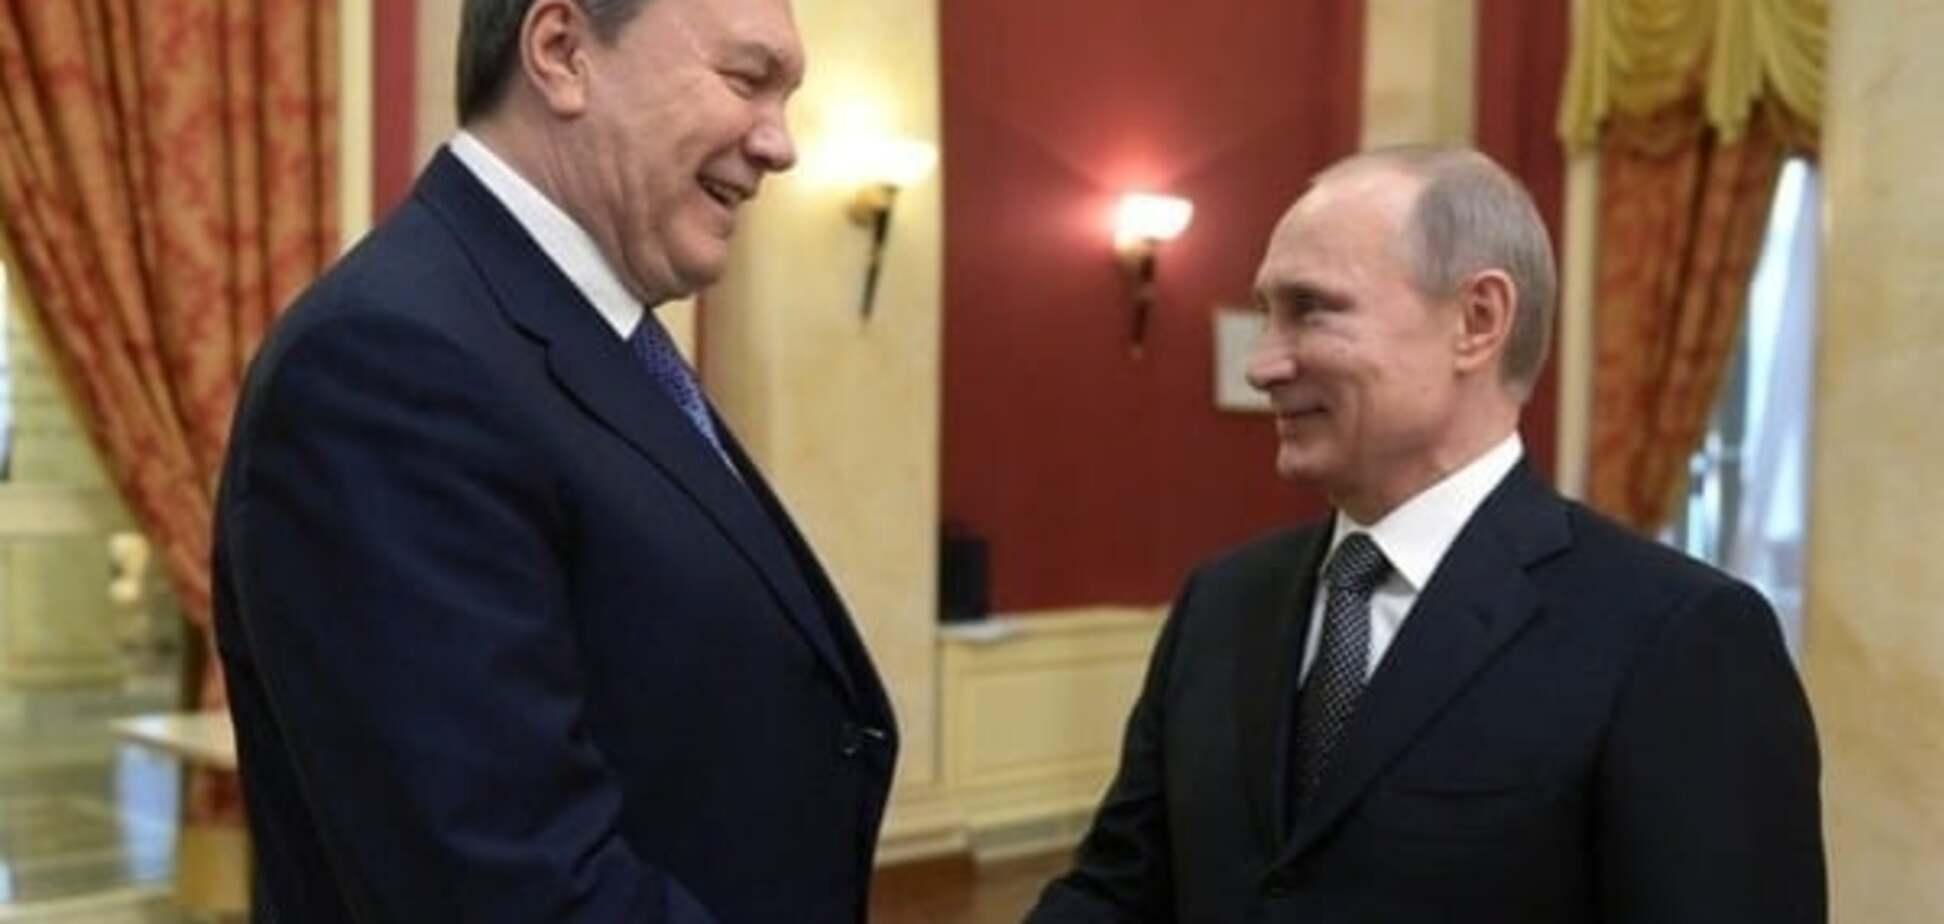 Путін дав Януковичу 3 мільярди доларів для придушення Євромайдану - Бутусов